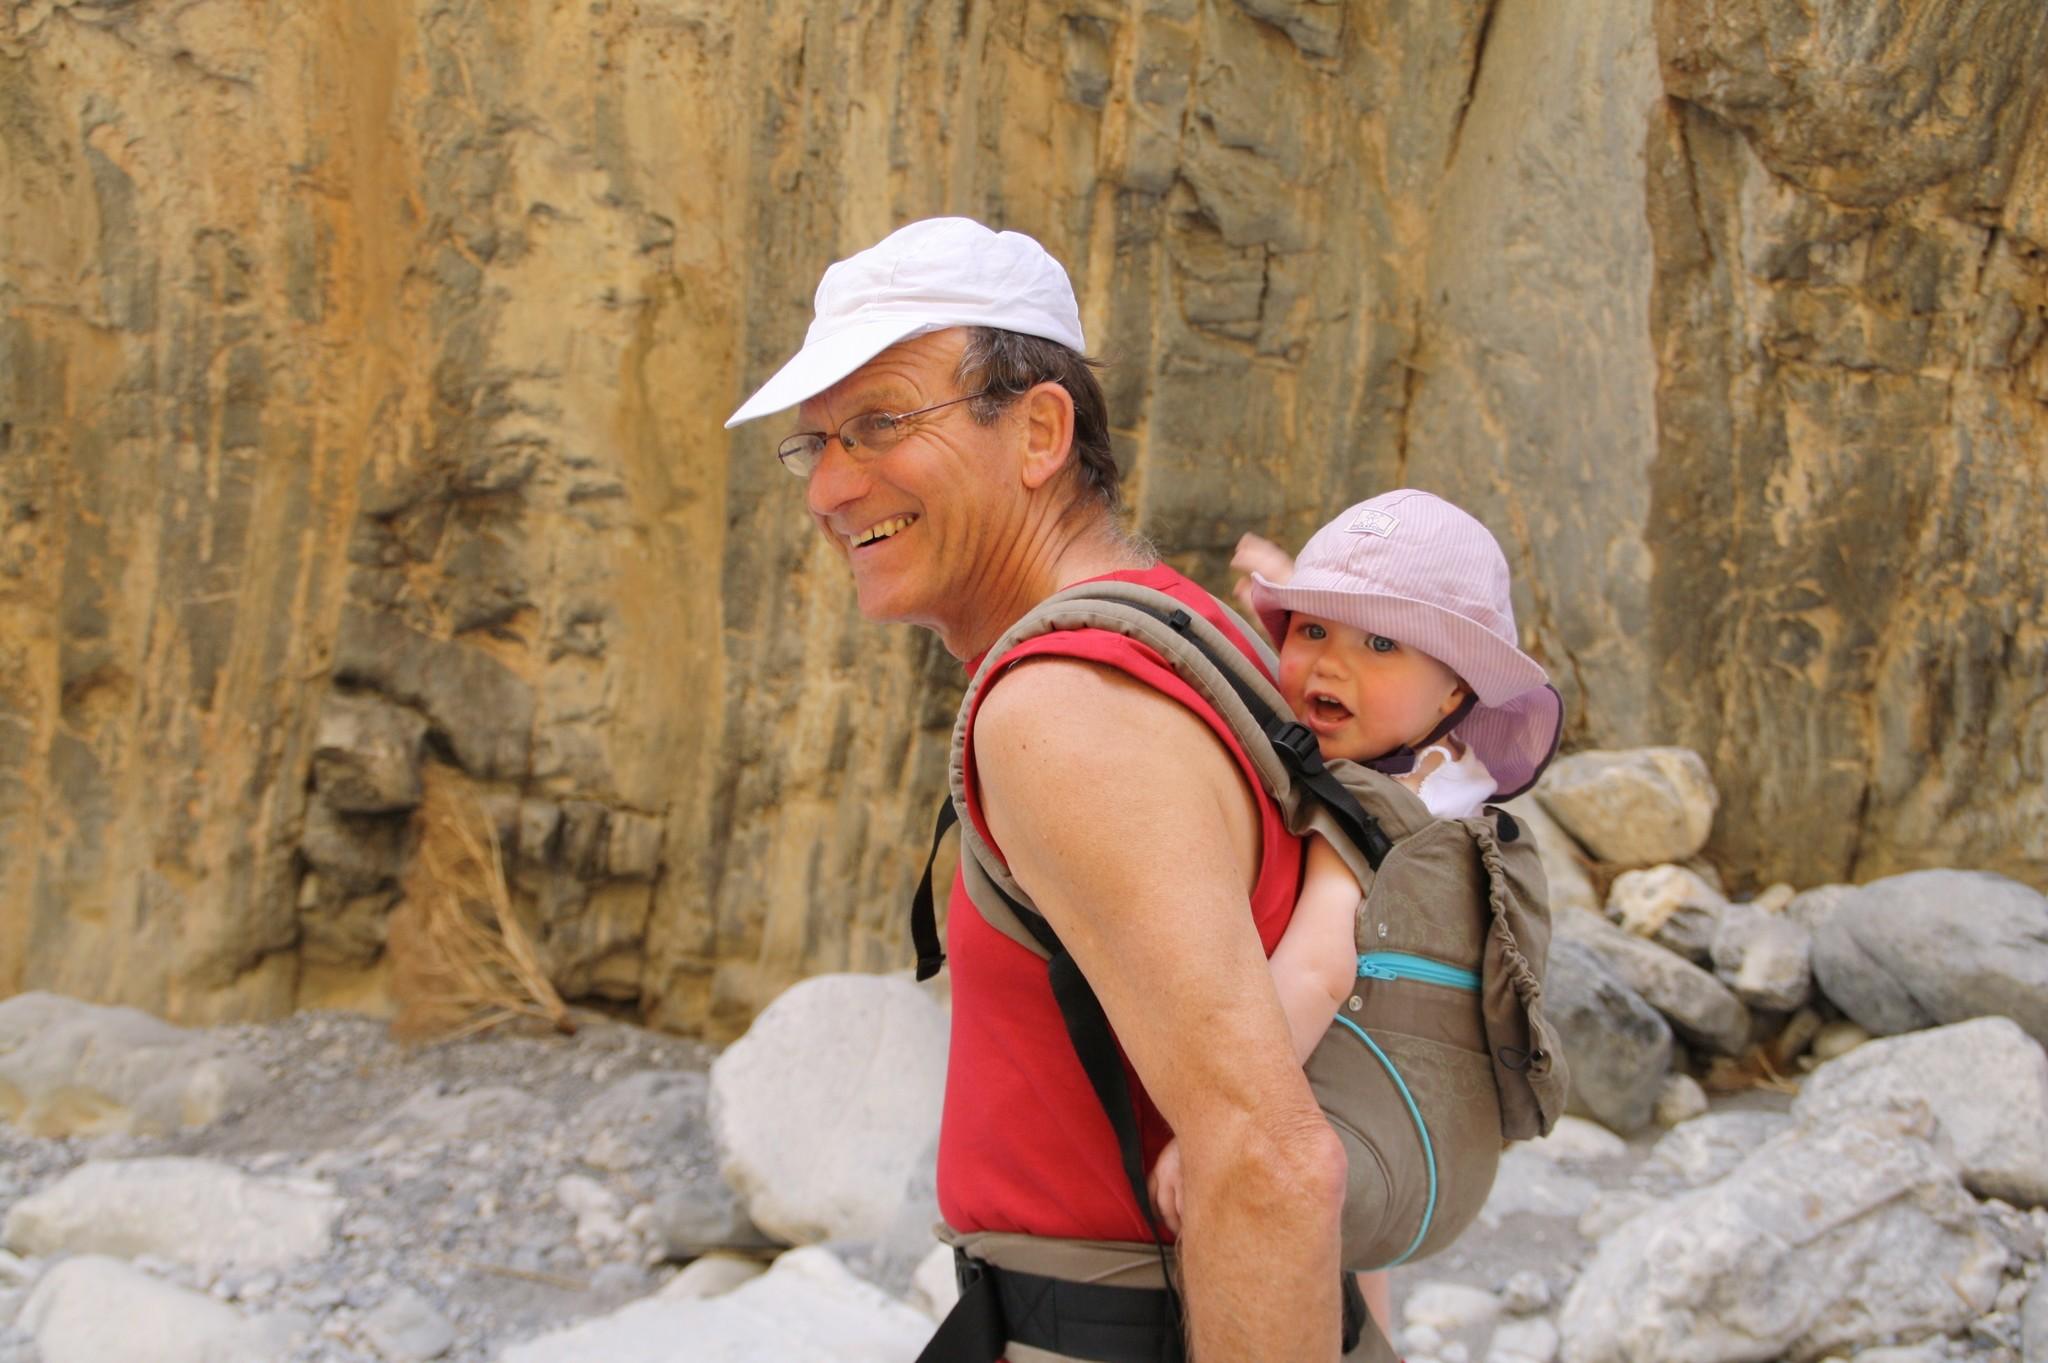 Baby bij opa op de rug in draagzak